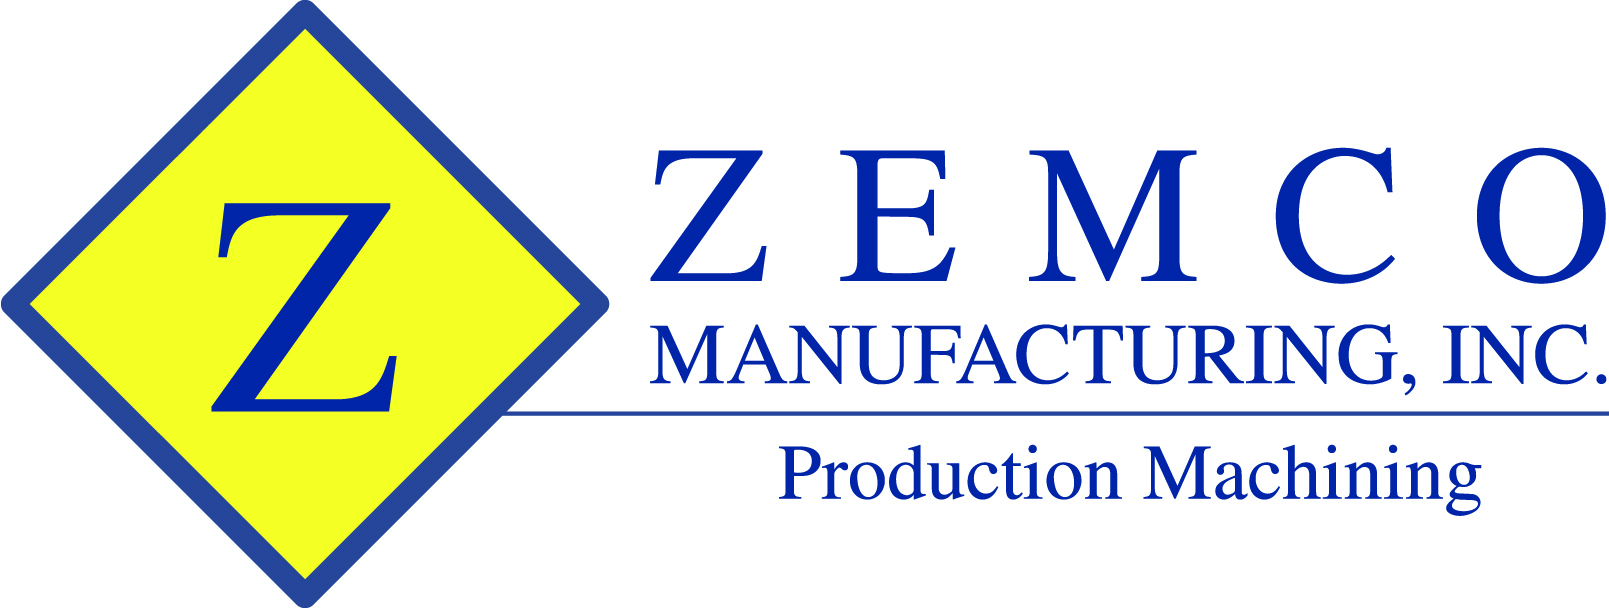 Zemco logo